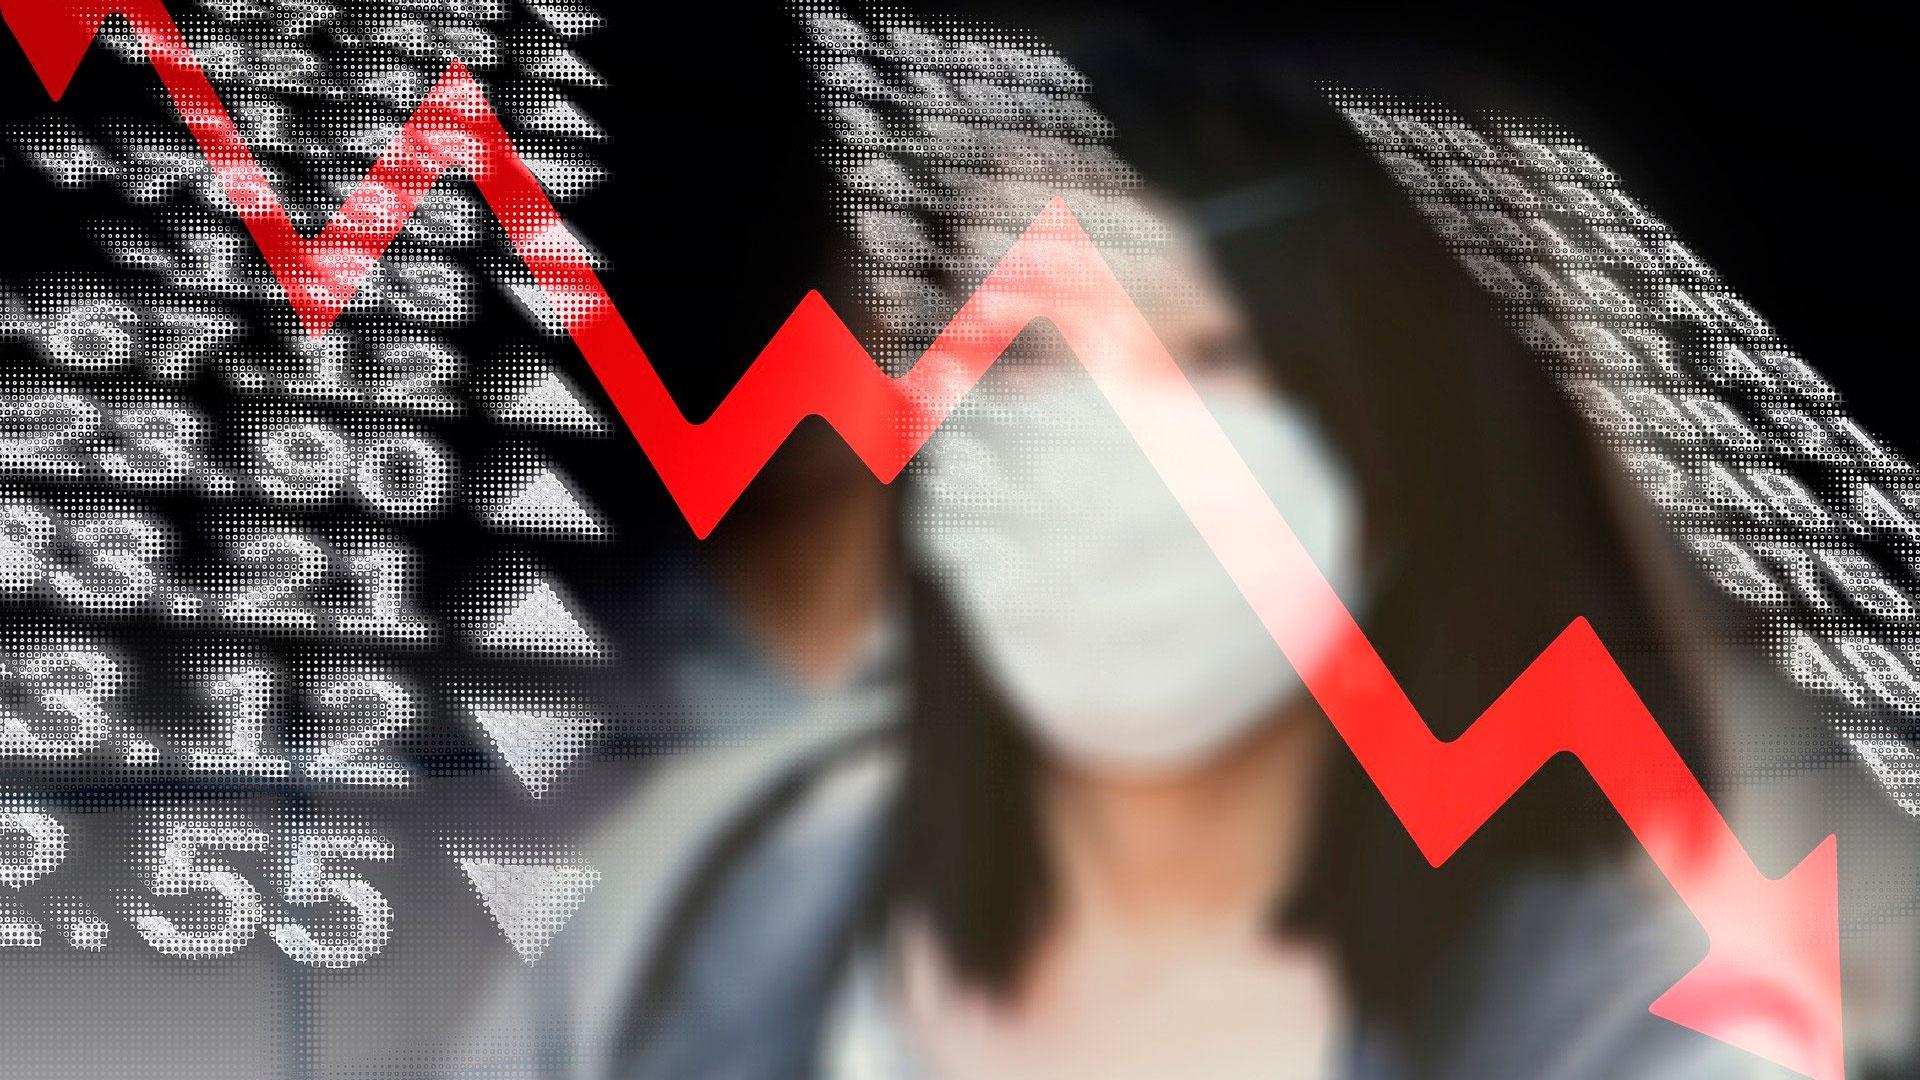 Глава МВФ сообщила о вхождении мировой экономики в рецессию